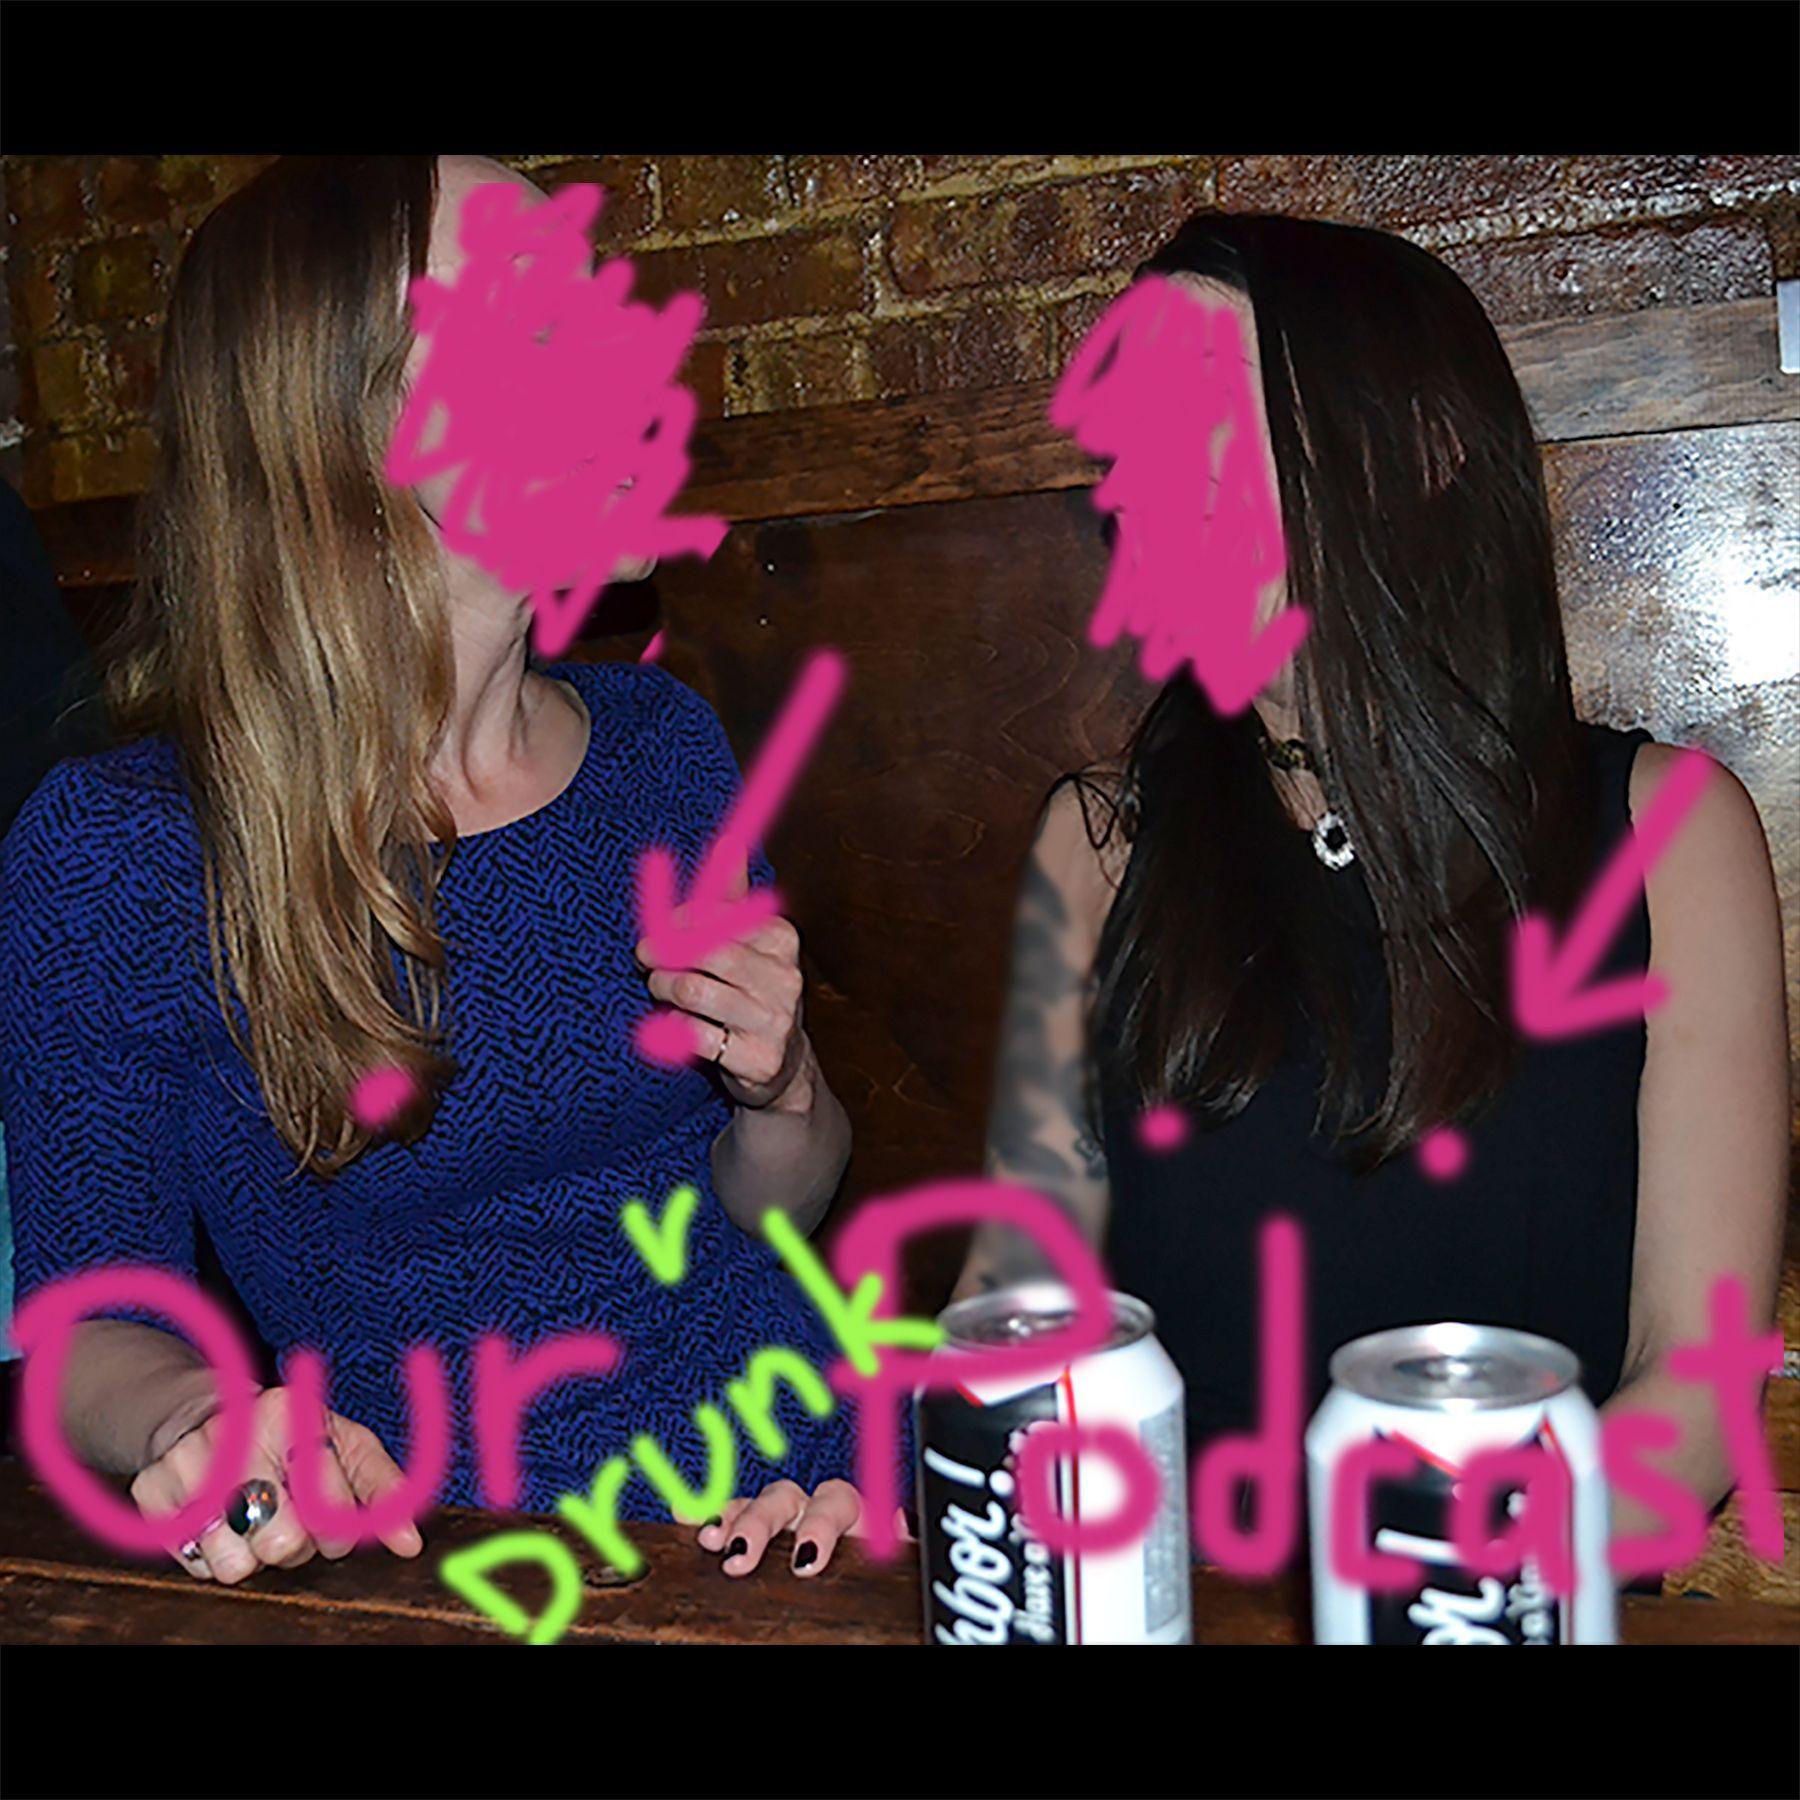 Episode 1: Drunk in S-Town